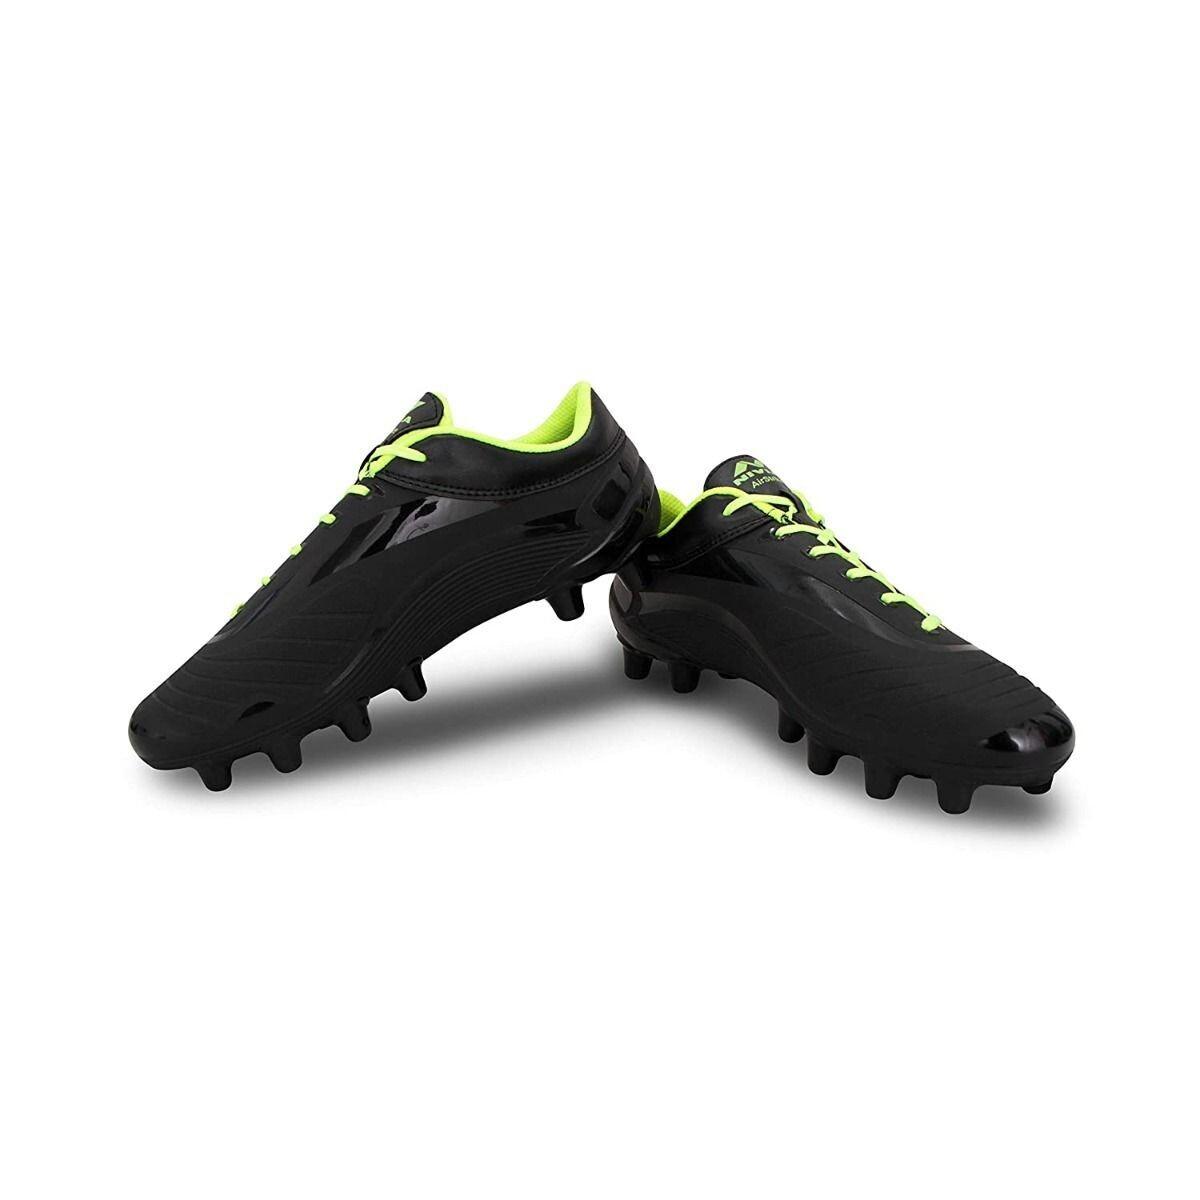 Nivia Airstrike Football Boots